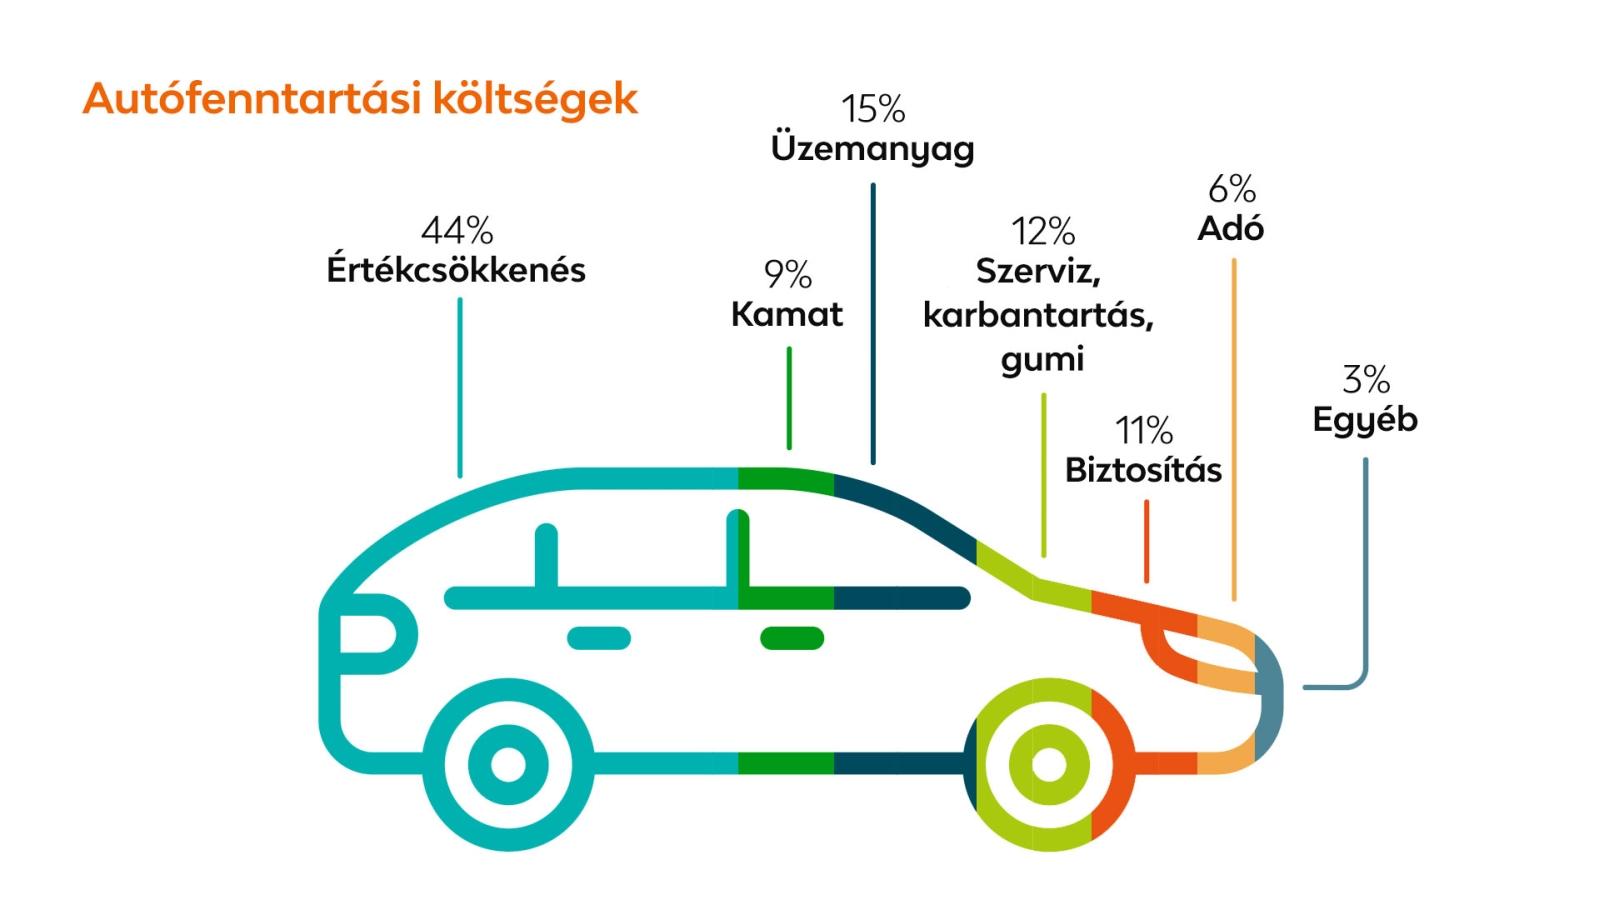 LeasePlan_Auto_havi_fenntartasi_koltsegek_grafika